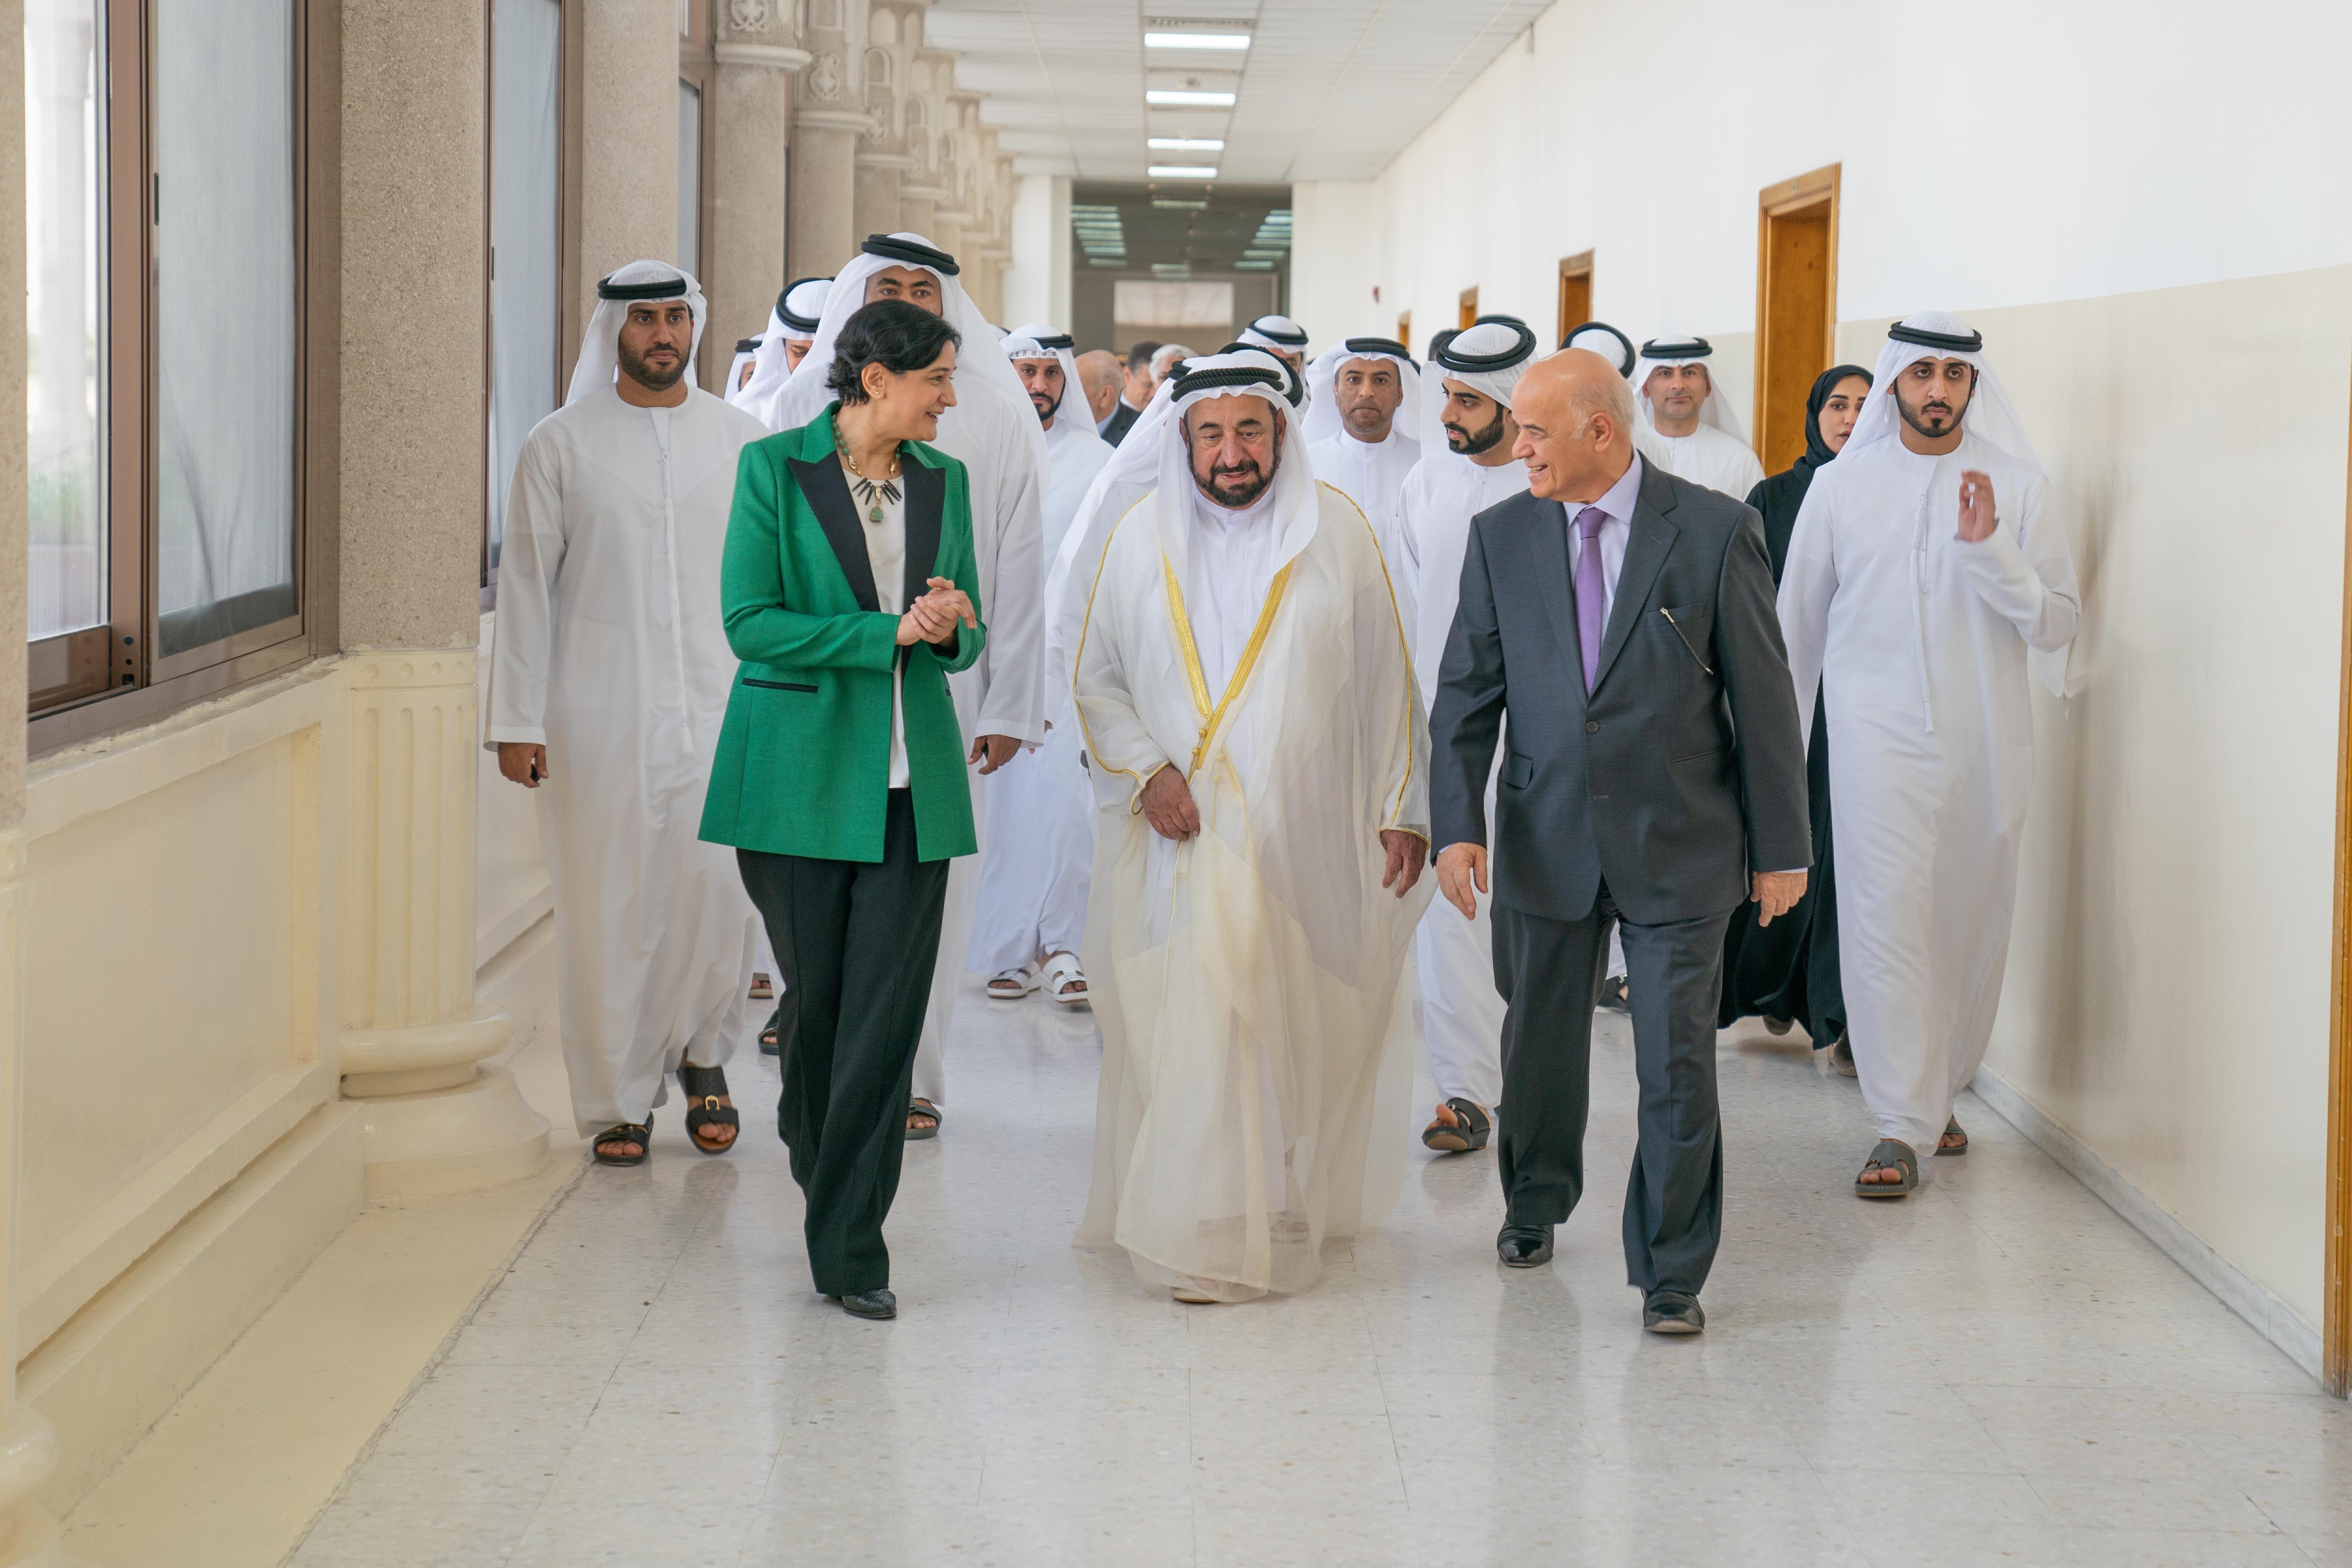 """سلطان القاسمي يشهد إطلاق فرع مركز الشارقة لريادة الأعمال """" شراع """" بجامعة الشارقة 1"""